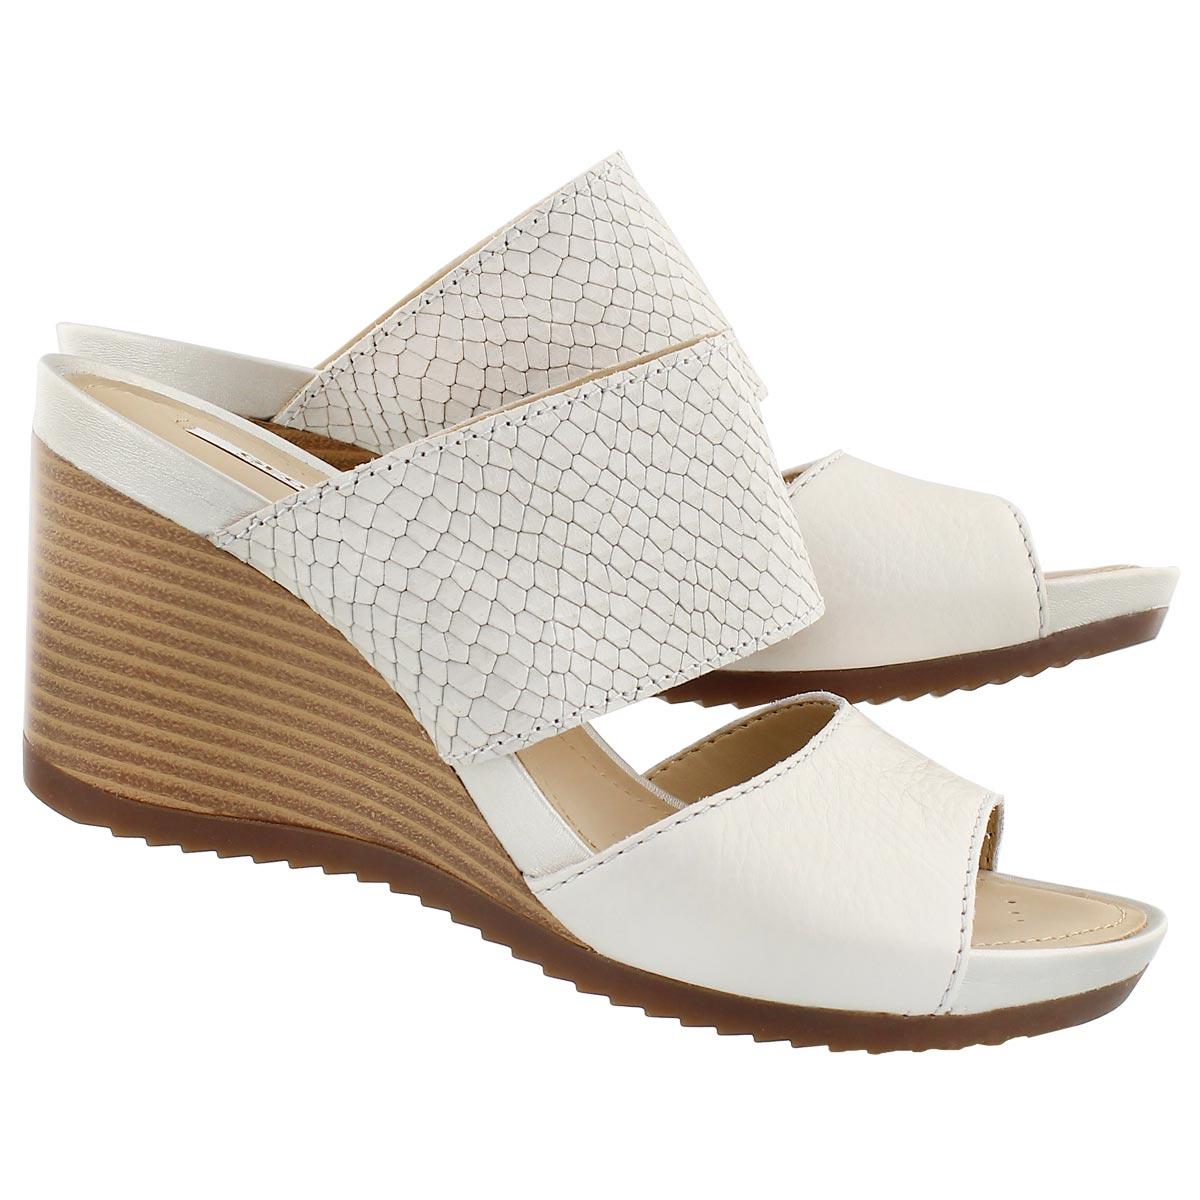 Lds New Rorie white slip on wedge sandal